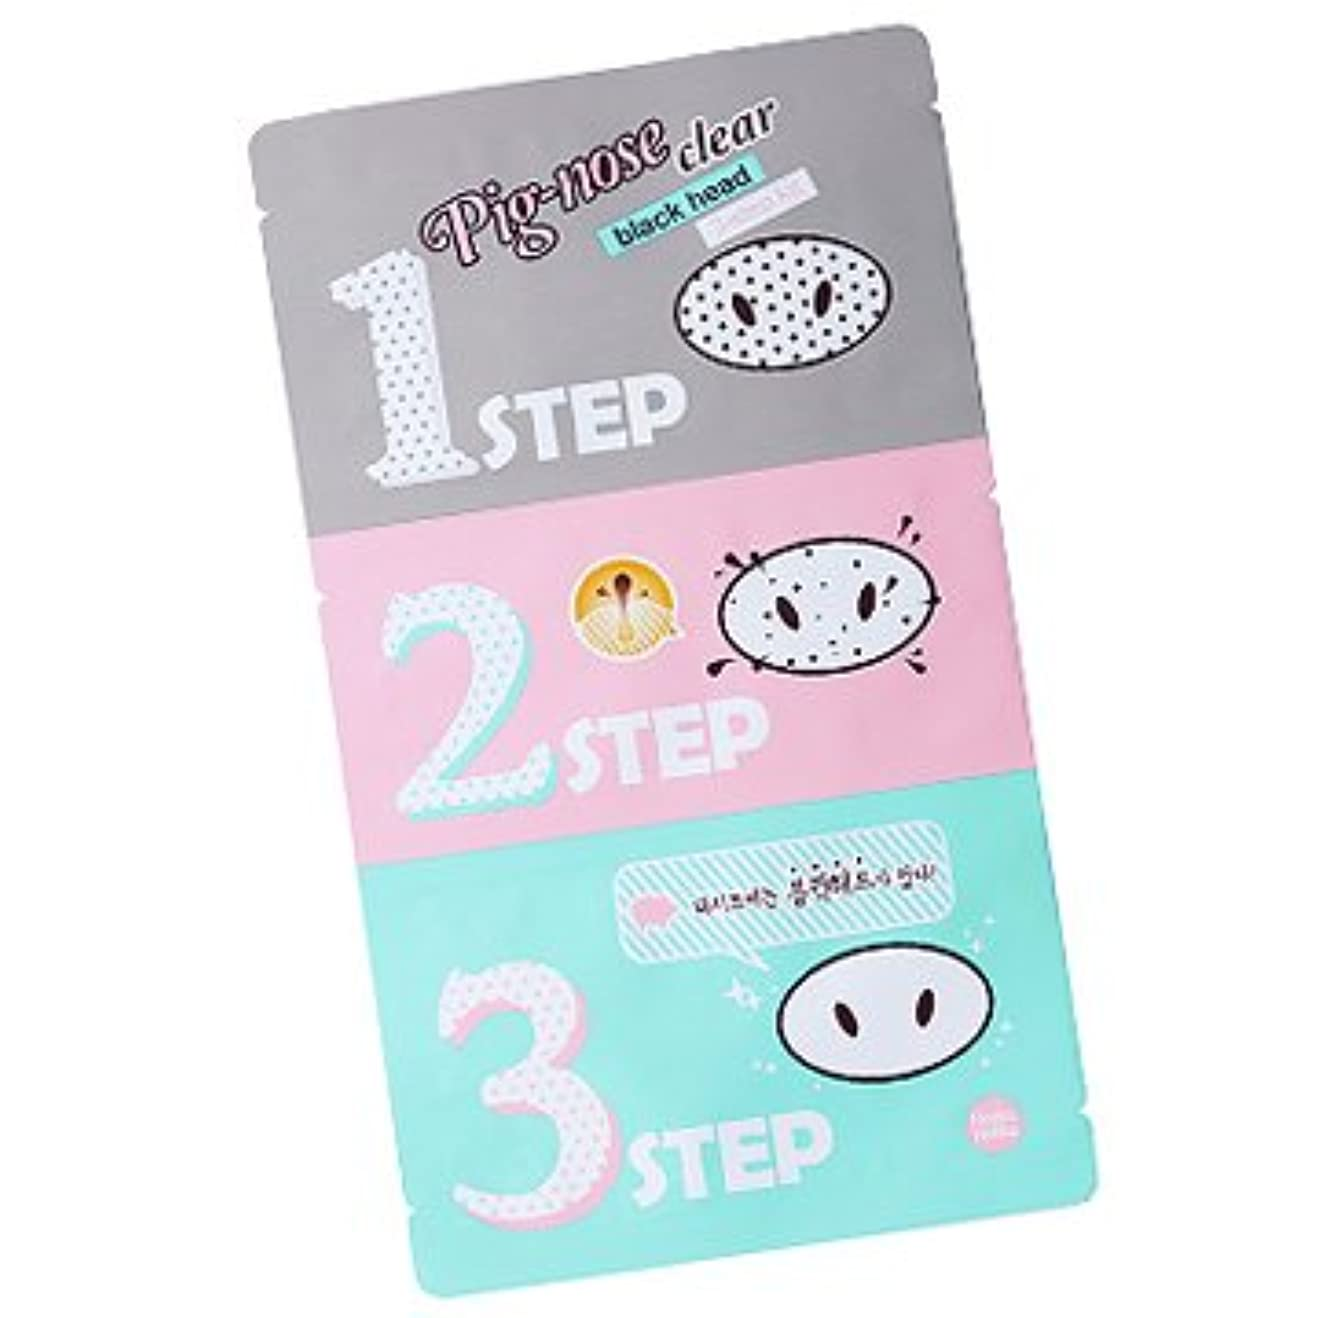 財布共産主義者入射Holika Holika Pig Nose Clear Black Head 3-Step Kit 3EA (Nose Pack) ホリカホリカ ピグノーズクリアブラックヘッド3-Stepキット(鼻パック) 3pcs [並行輸入品]